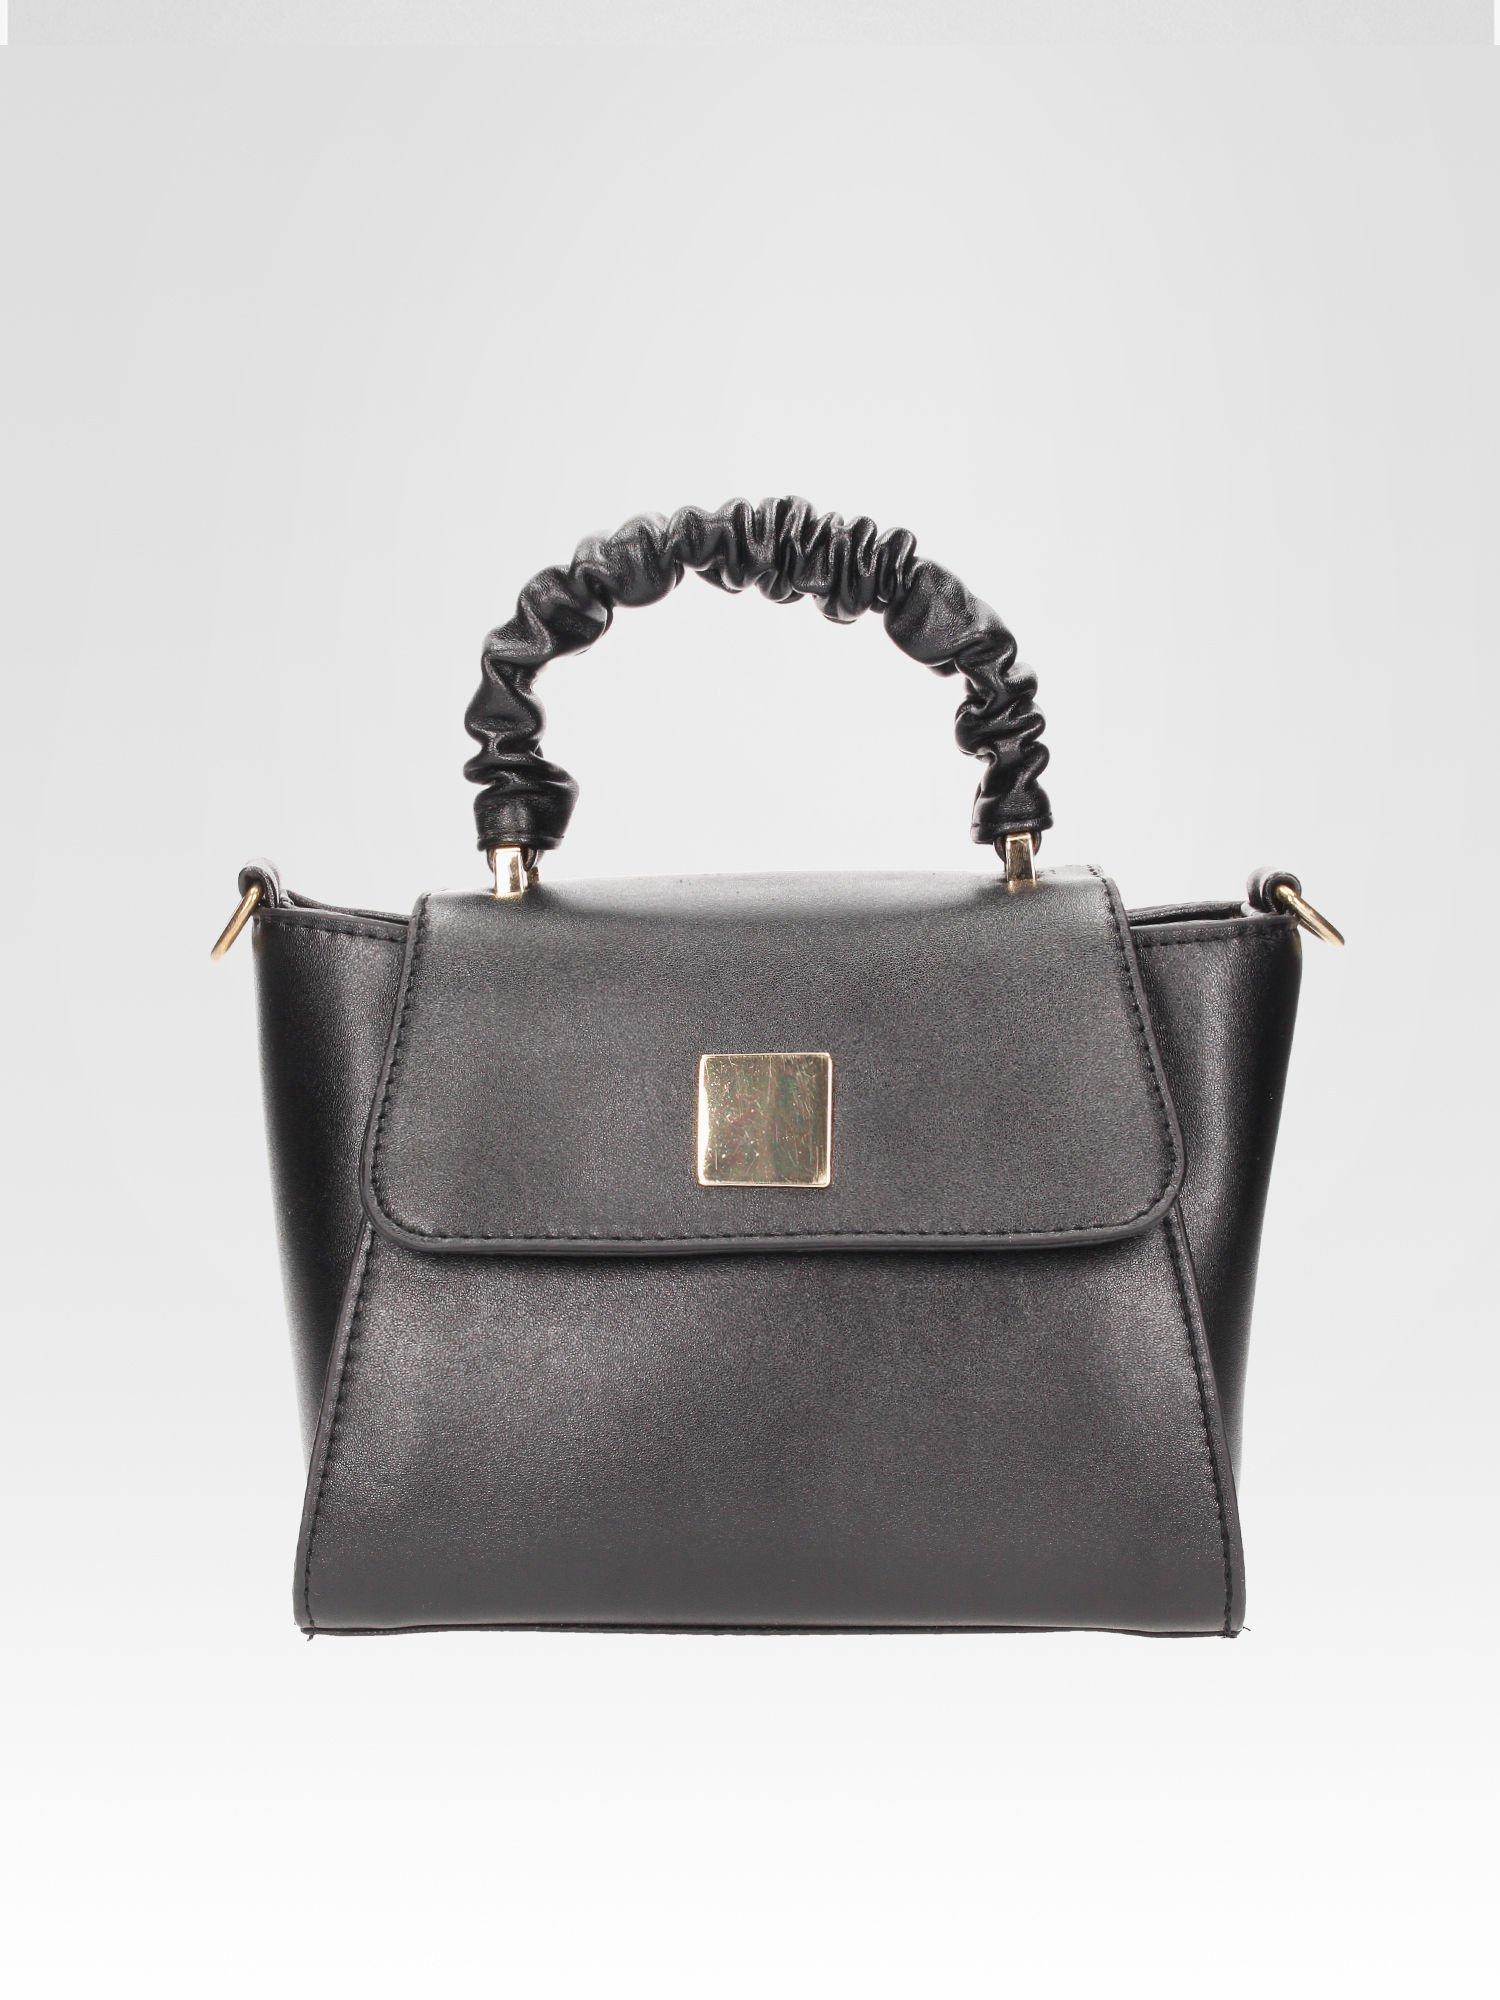 Czarna mini torebka kuferek z marszczoną rączką                                  zdj.                                  1